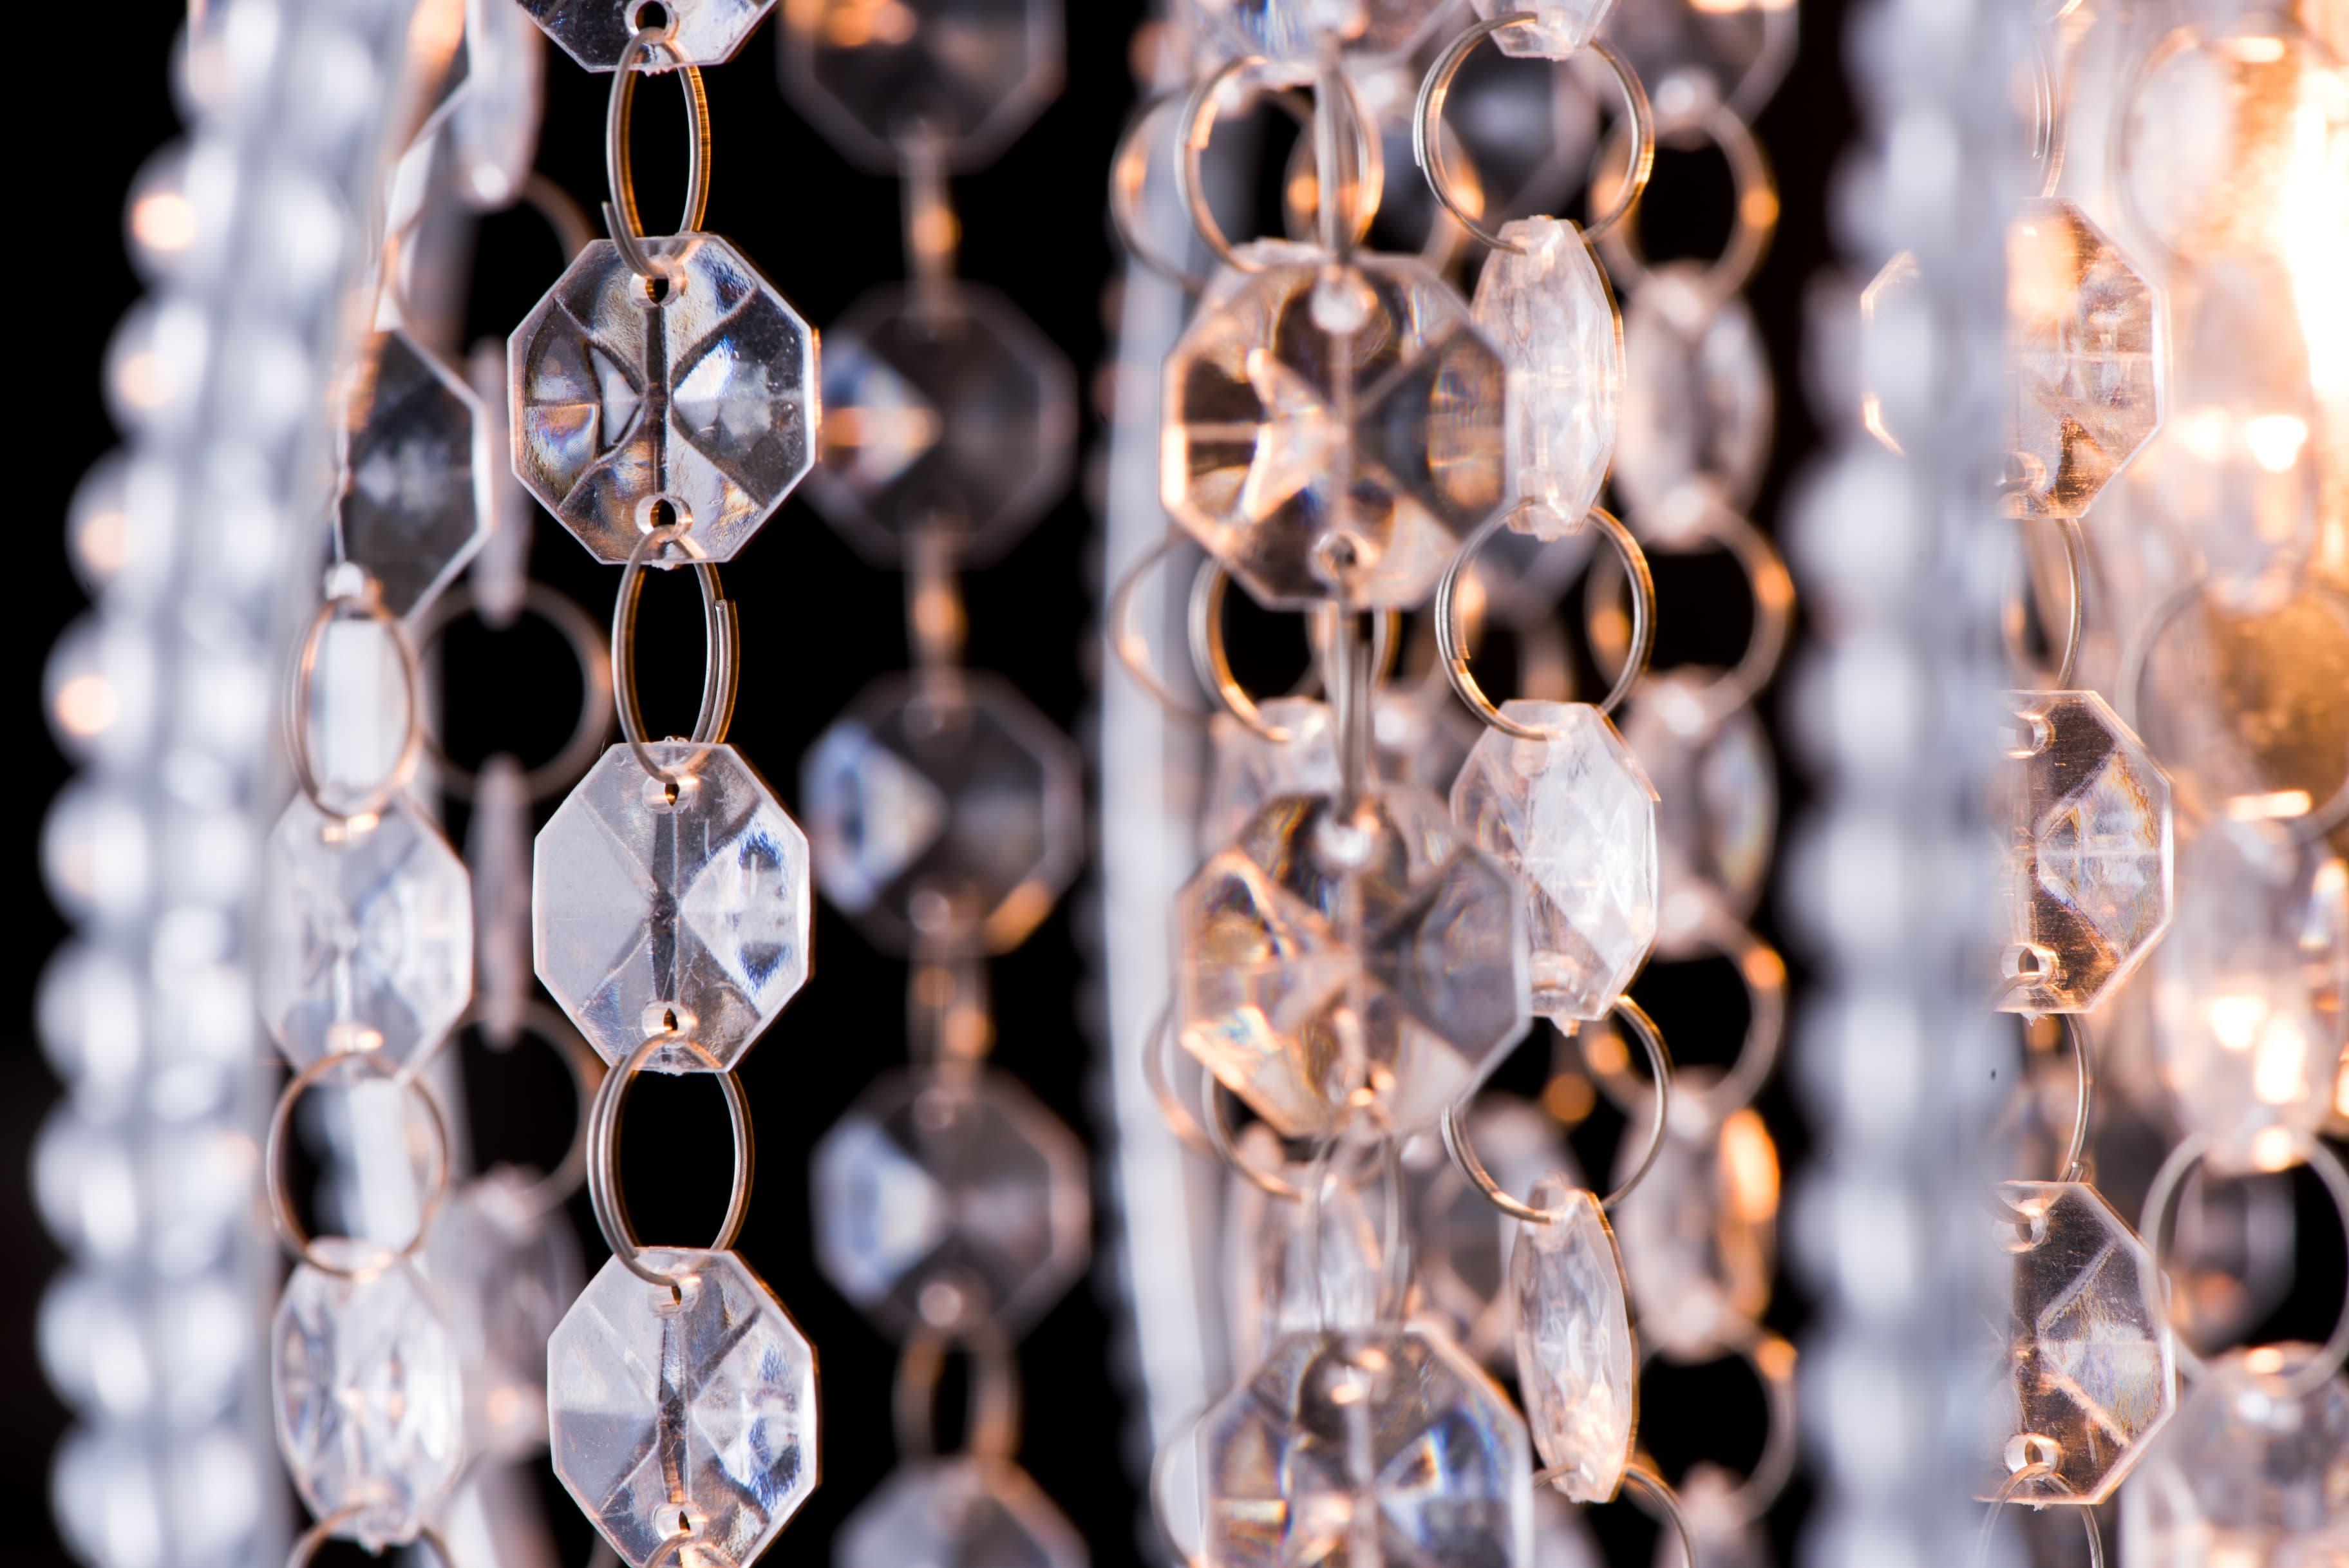 鍍鉻圓形透明壓克力珠吊燈-BNL00046 1